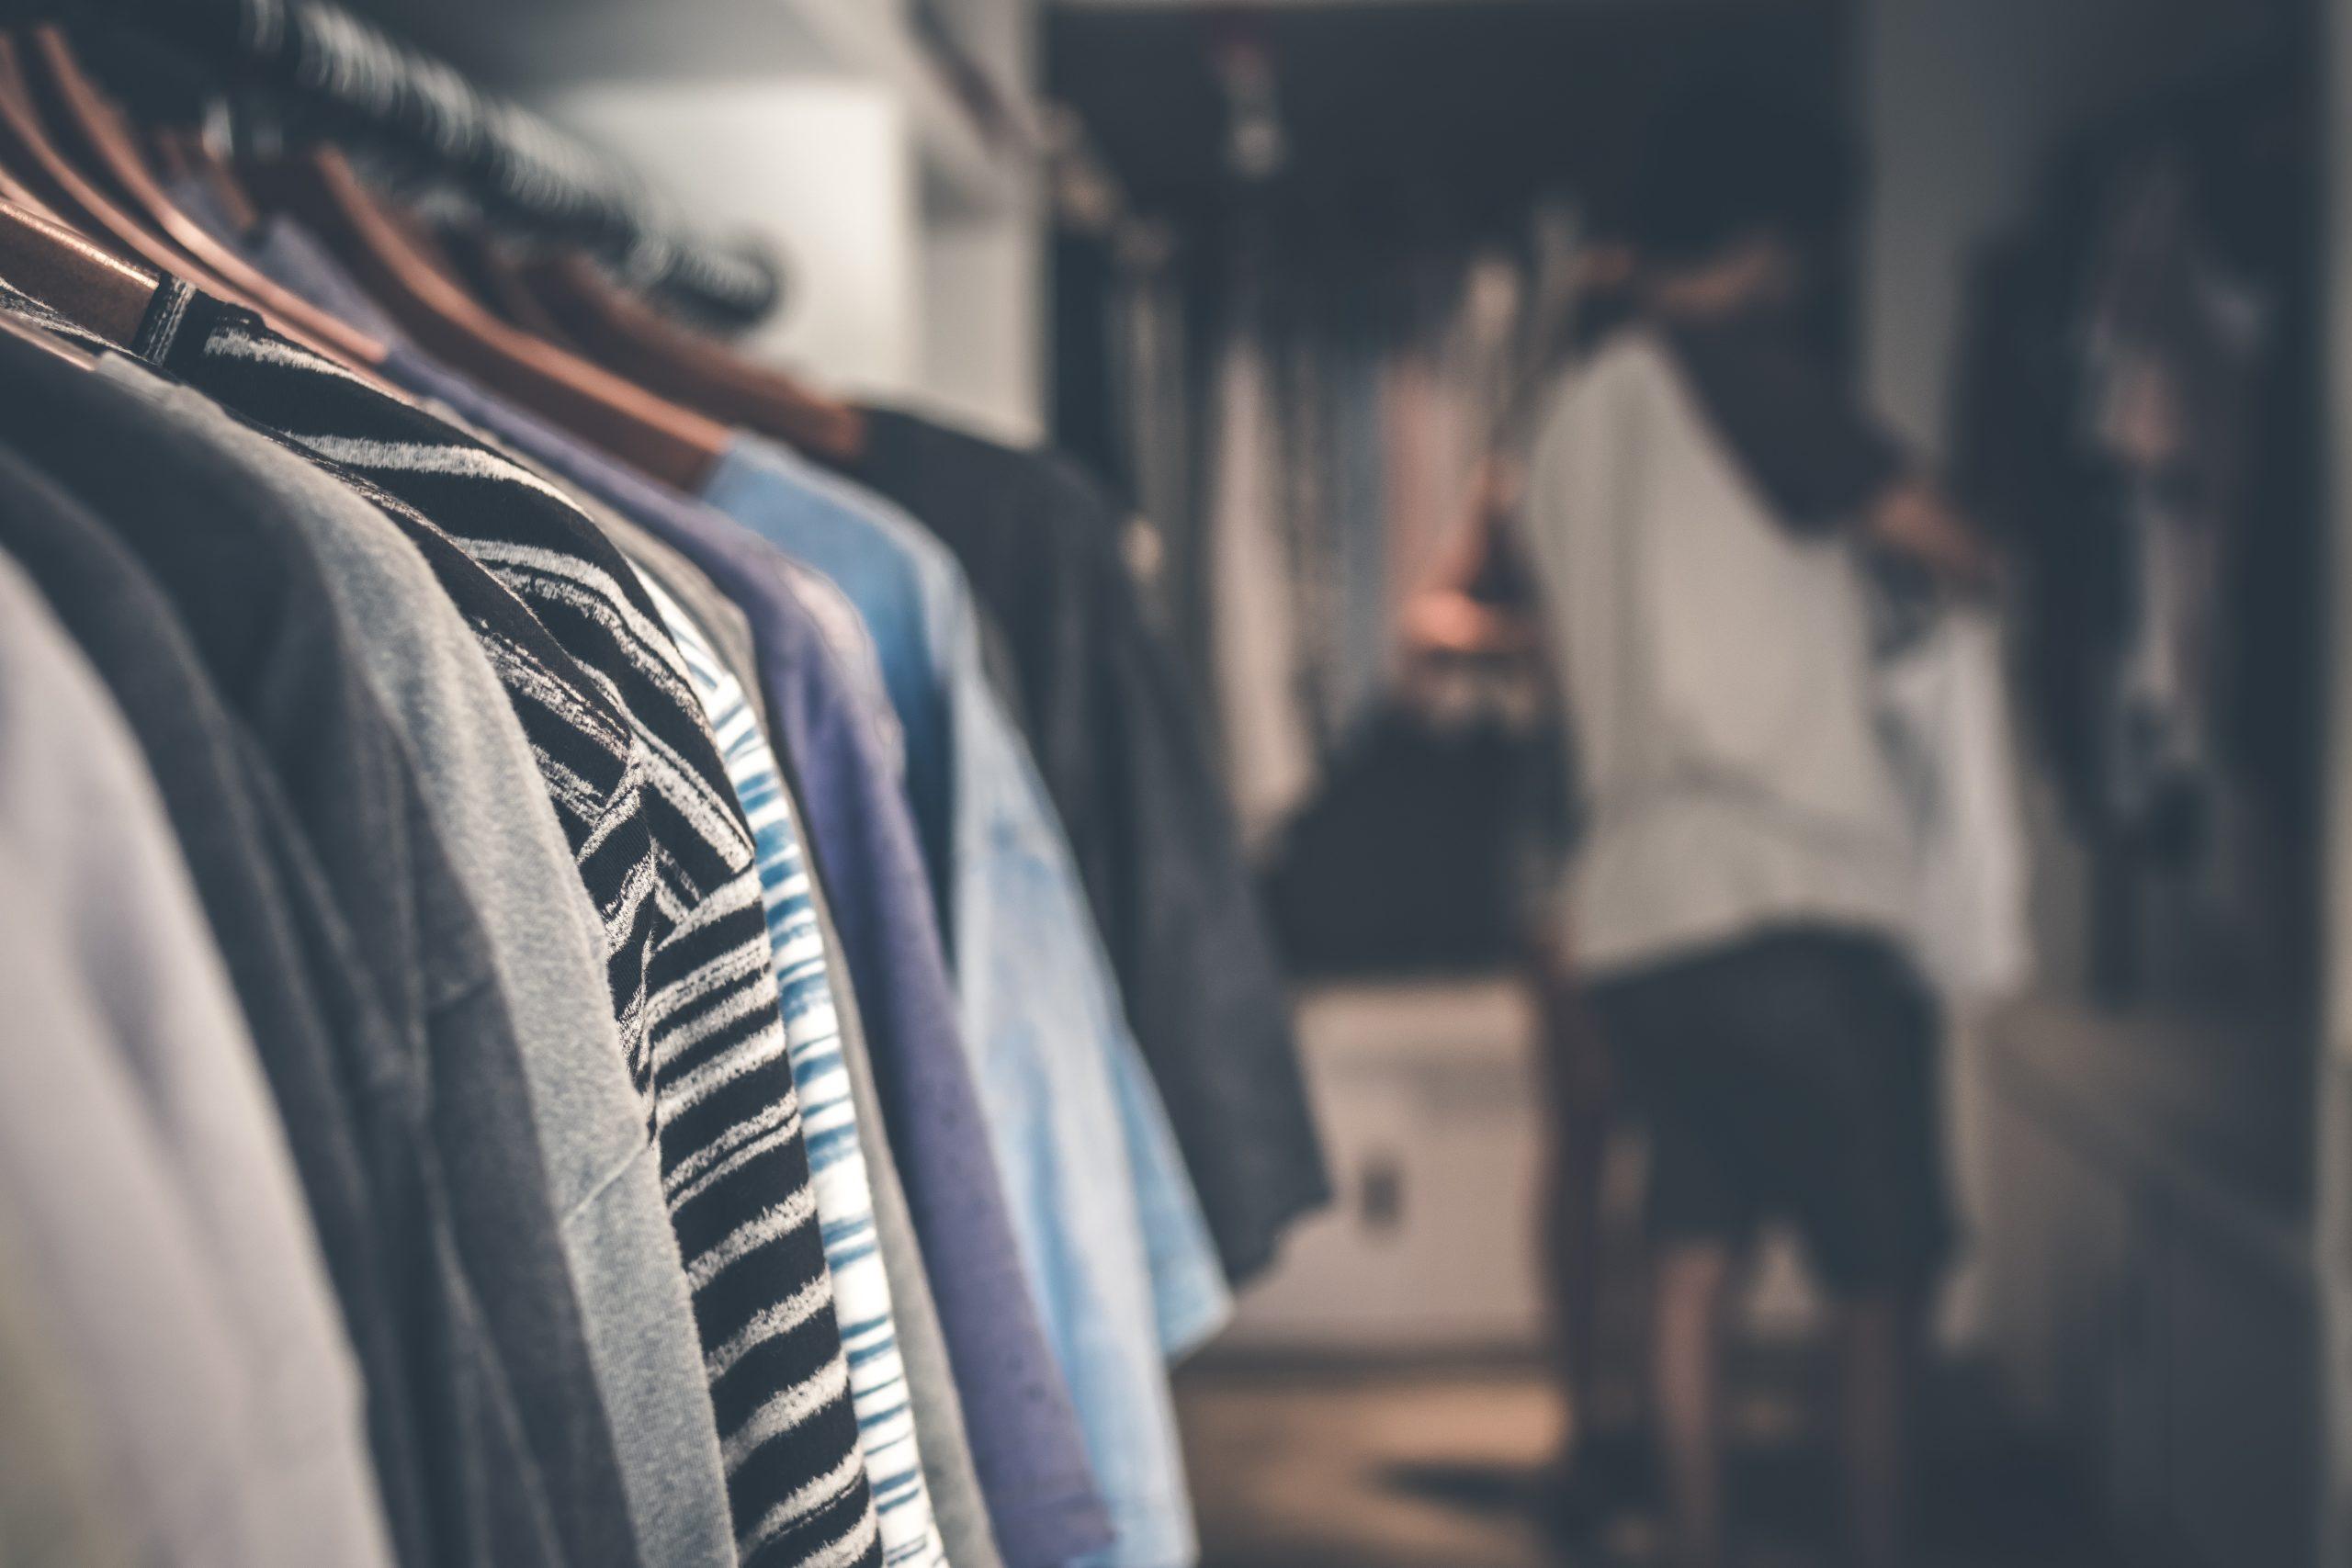 着たい服も似合う服もない⁉️婚活男子のリセットボタン